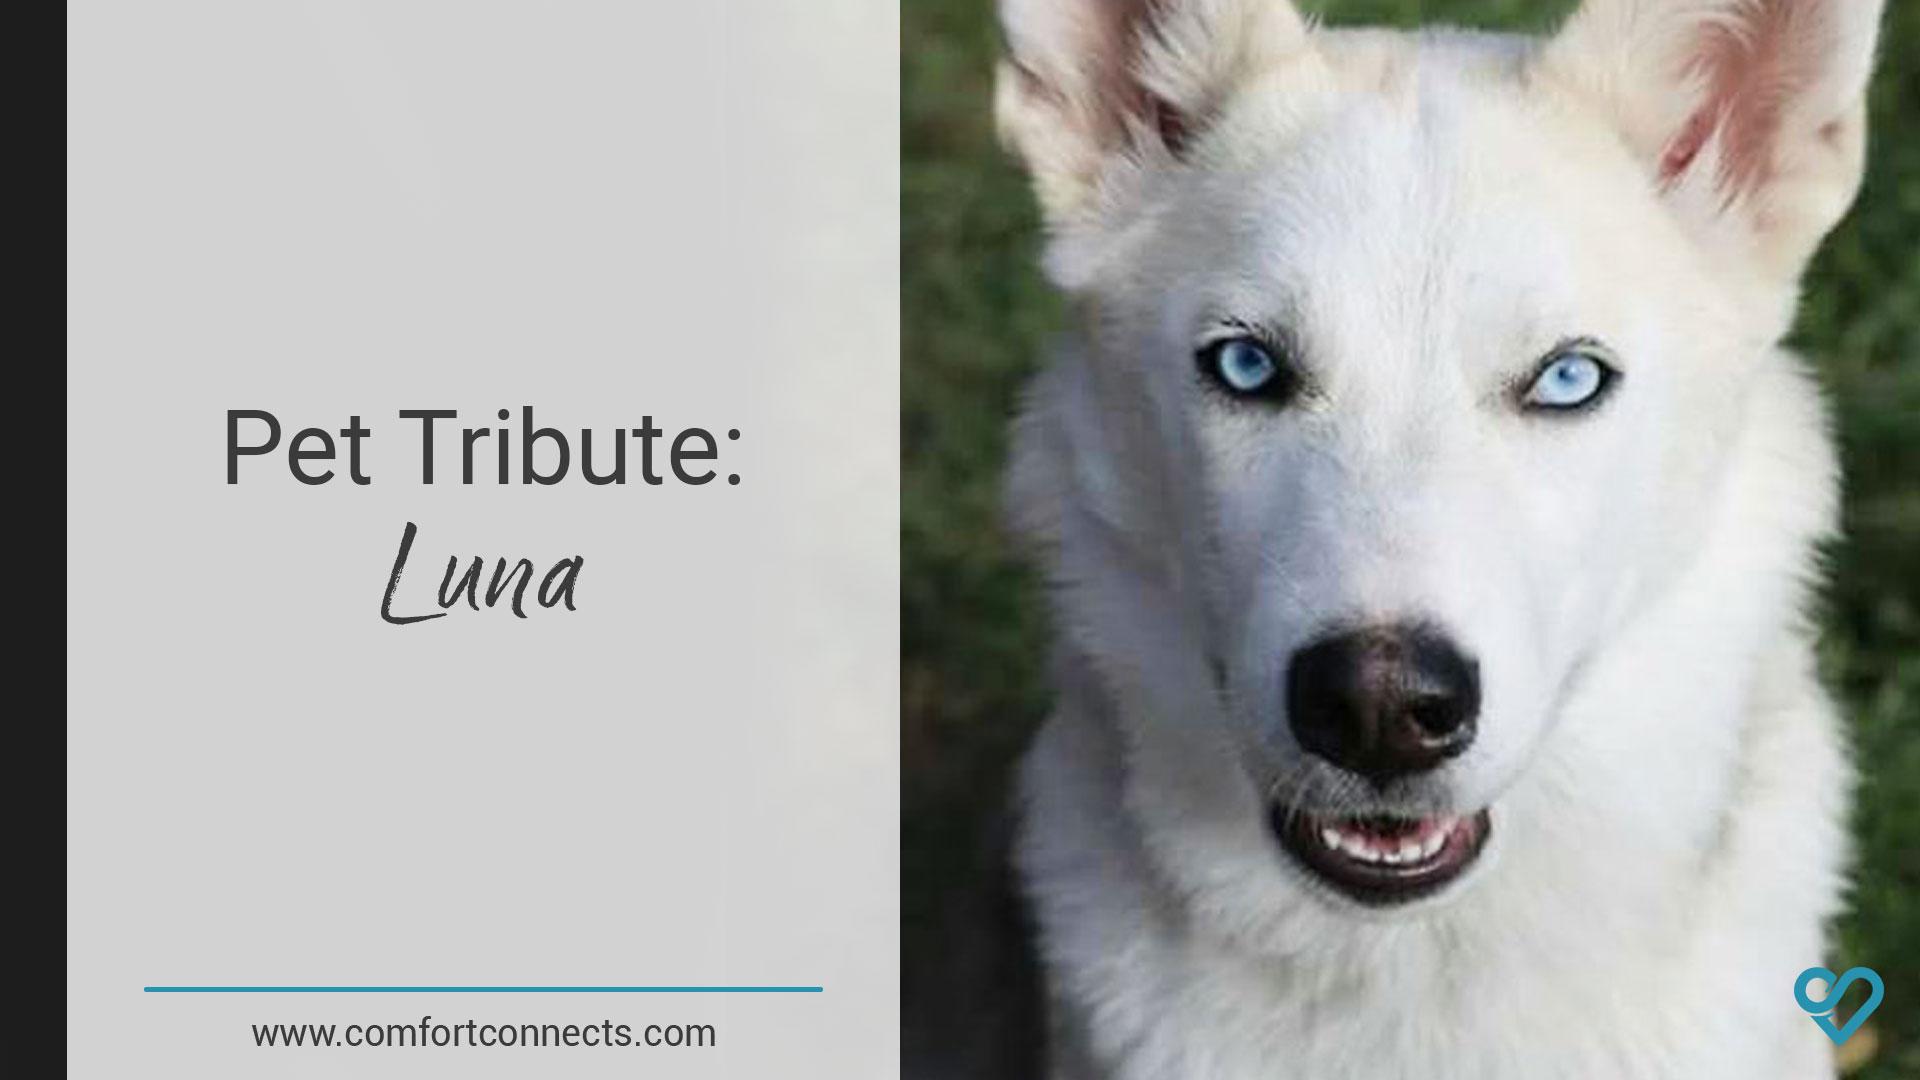 Pet Tribute: Luna